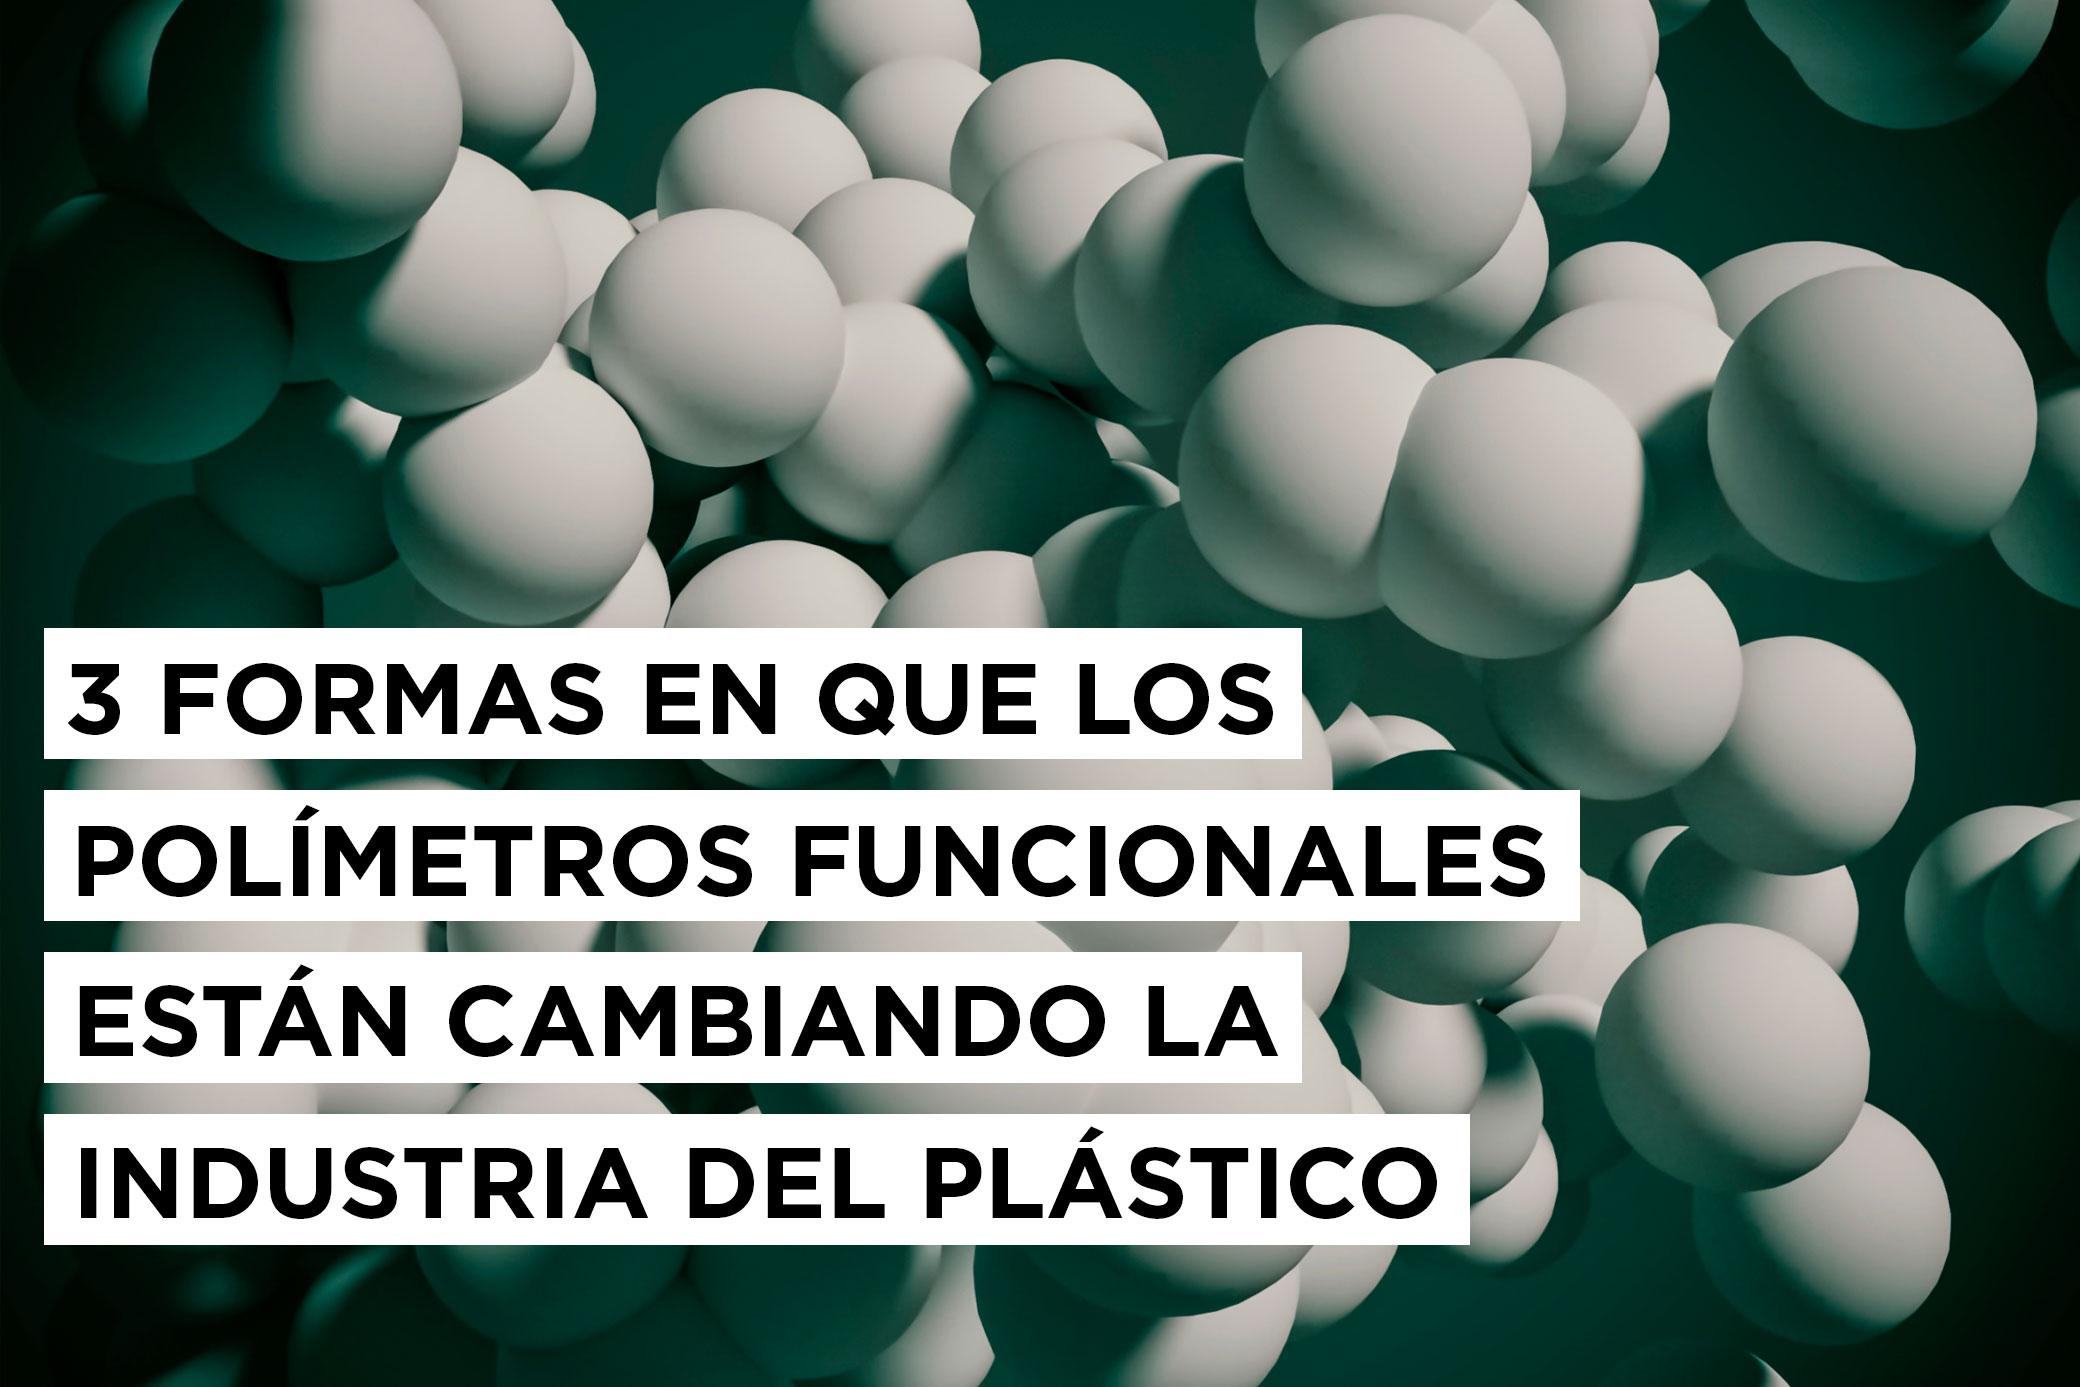 3 formas en que los polímeros funcionales están cambiando la industria del plástico 11